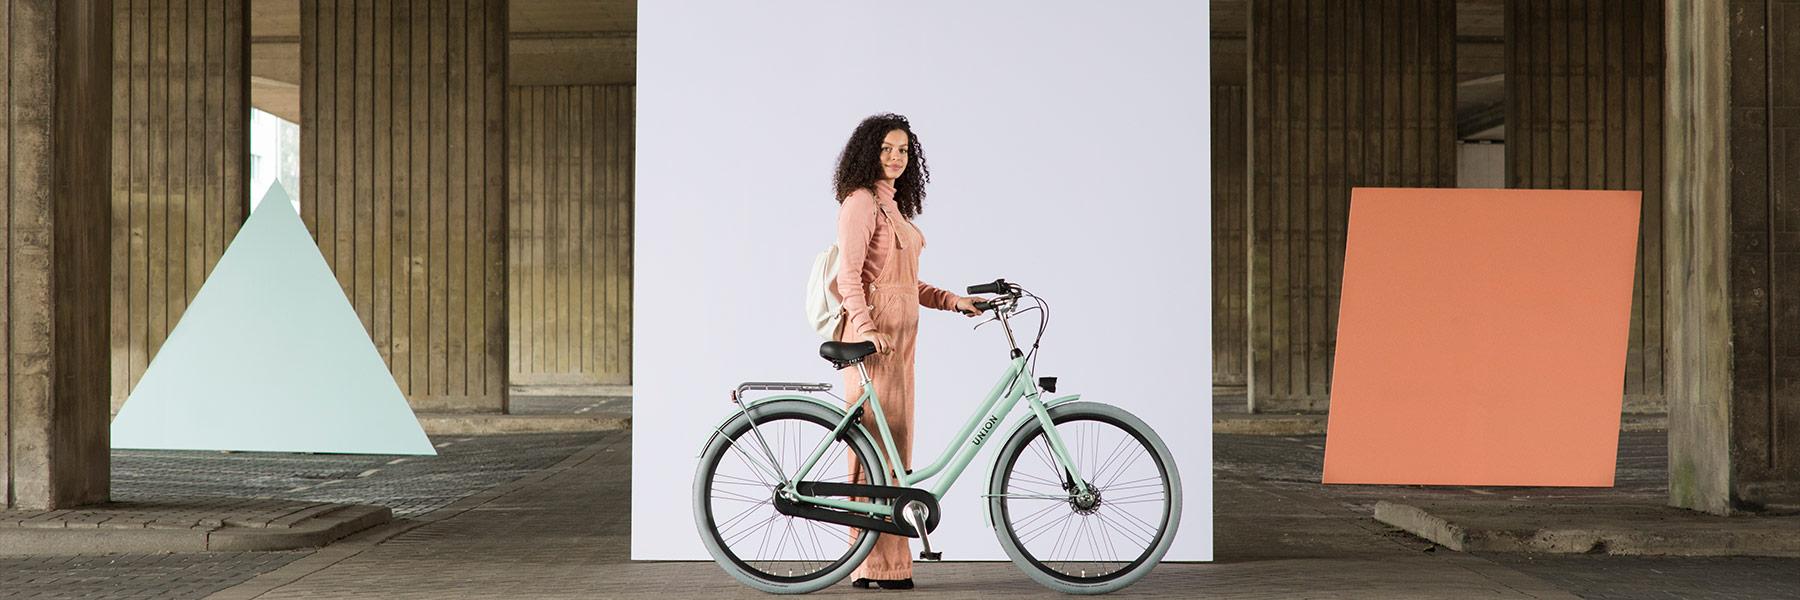 Vrouw bij groene Union fiets met handrem